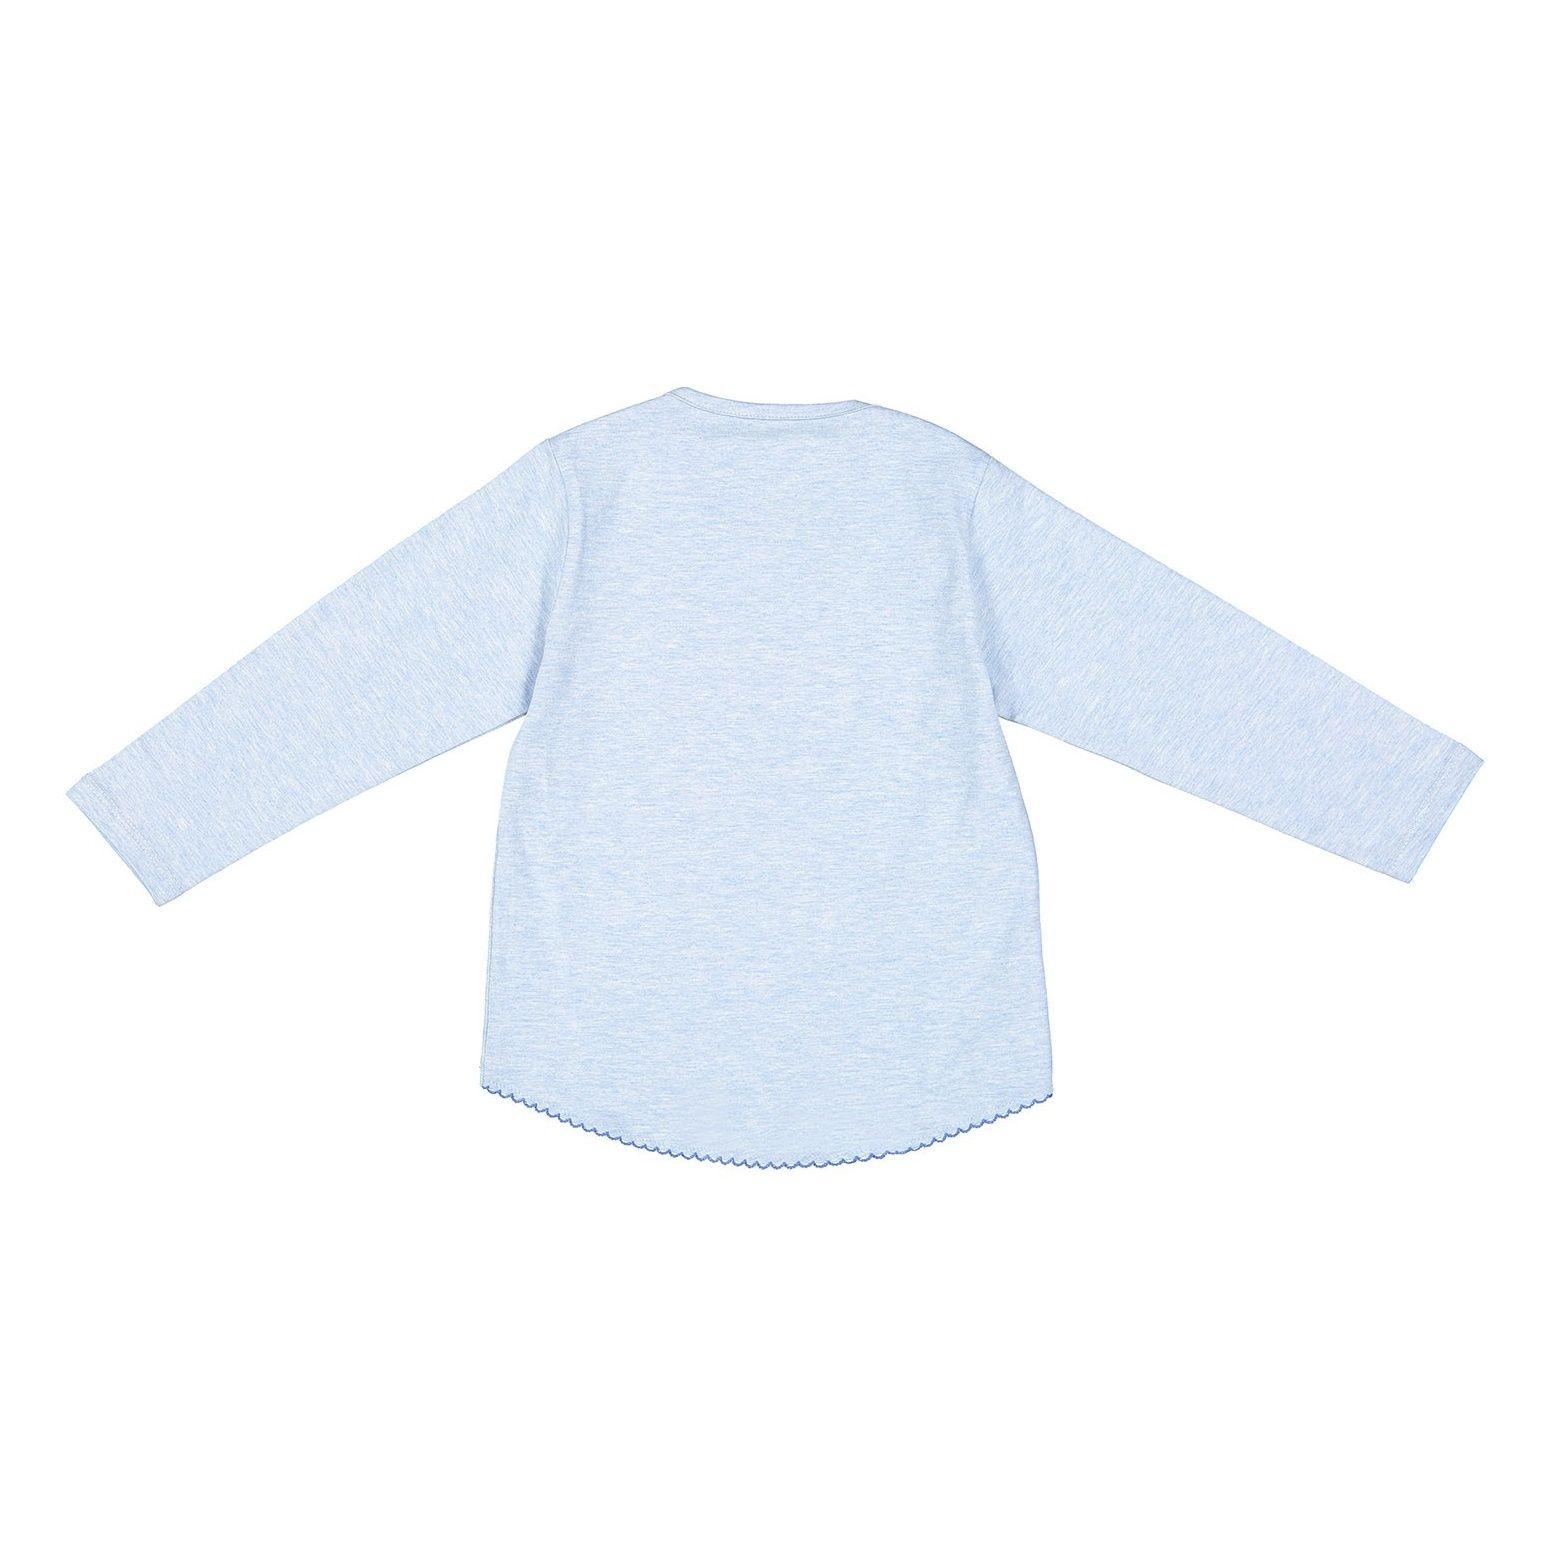 تی شرت نخی آستین بلند دخترانه - سون پون - آبي  - 2